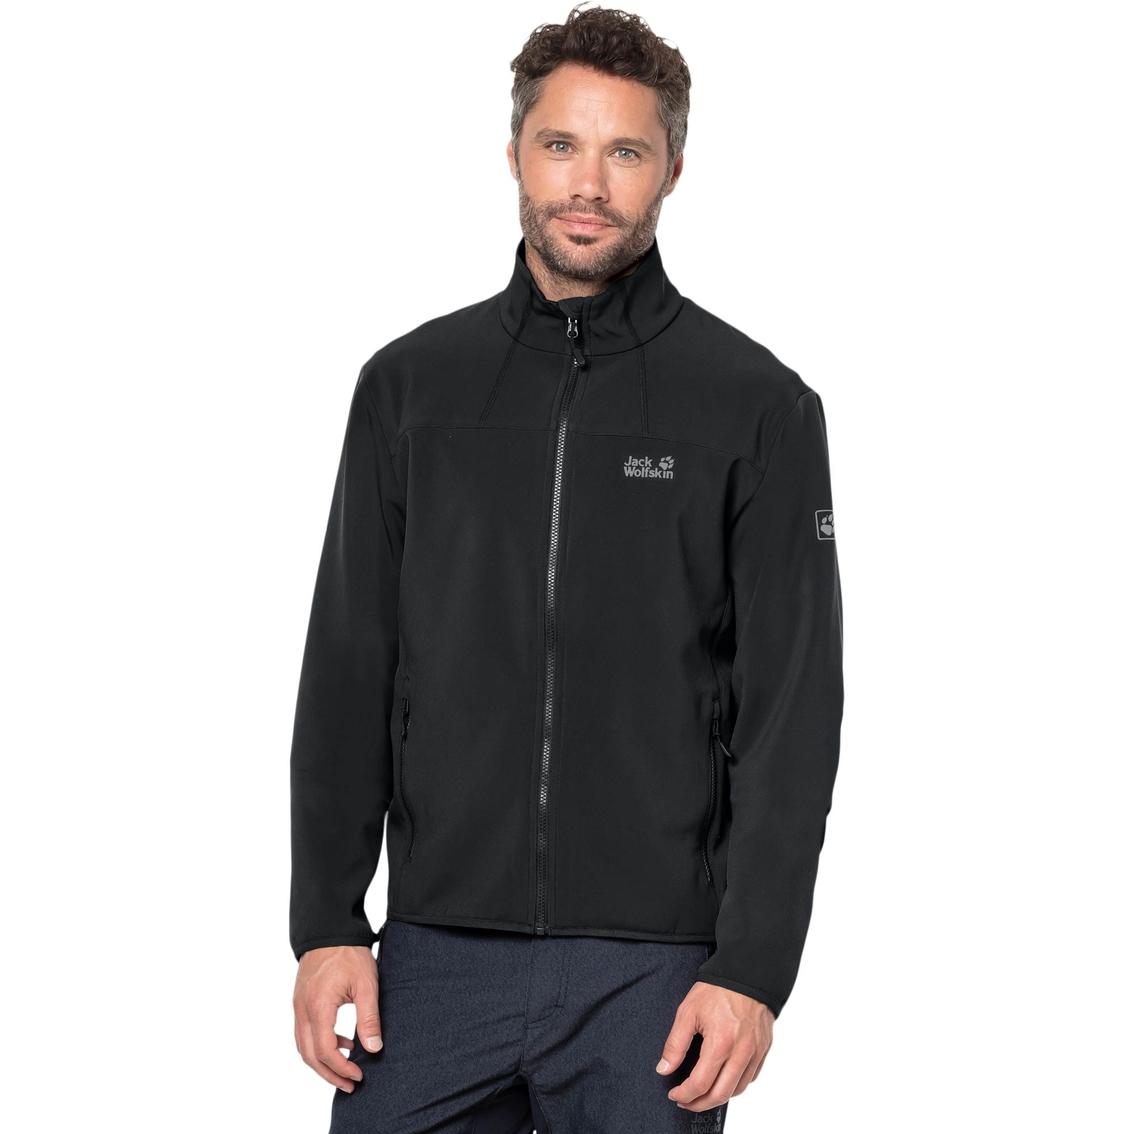 Jack Wolfskin Element Track Jacket   Jackets   Clothing